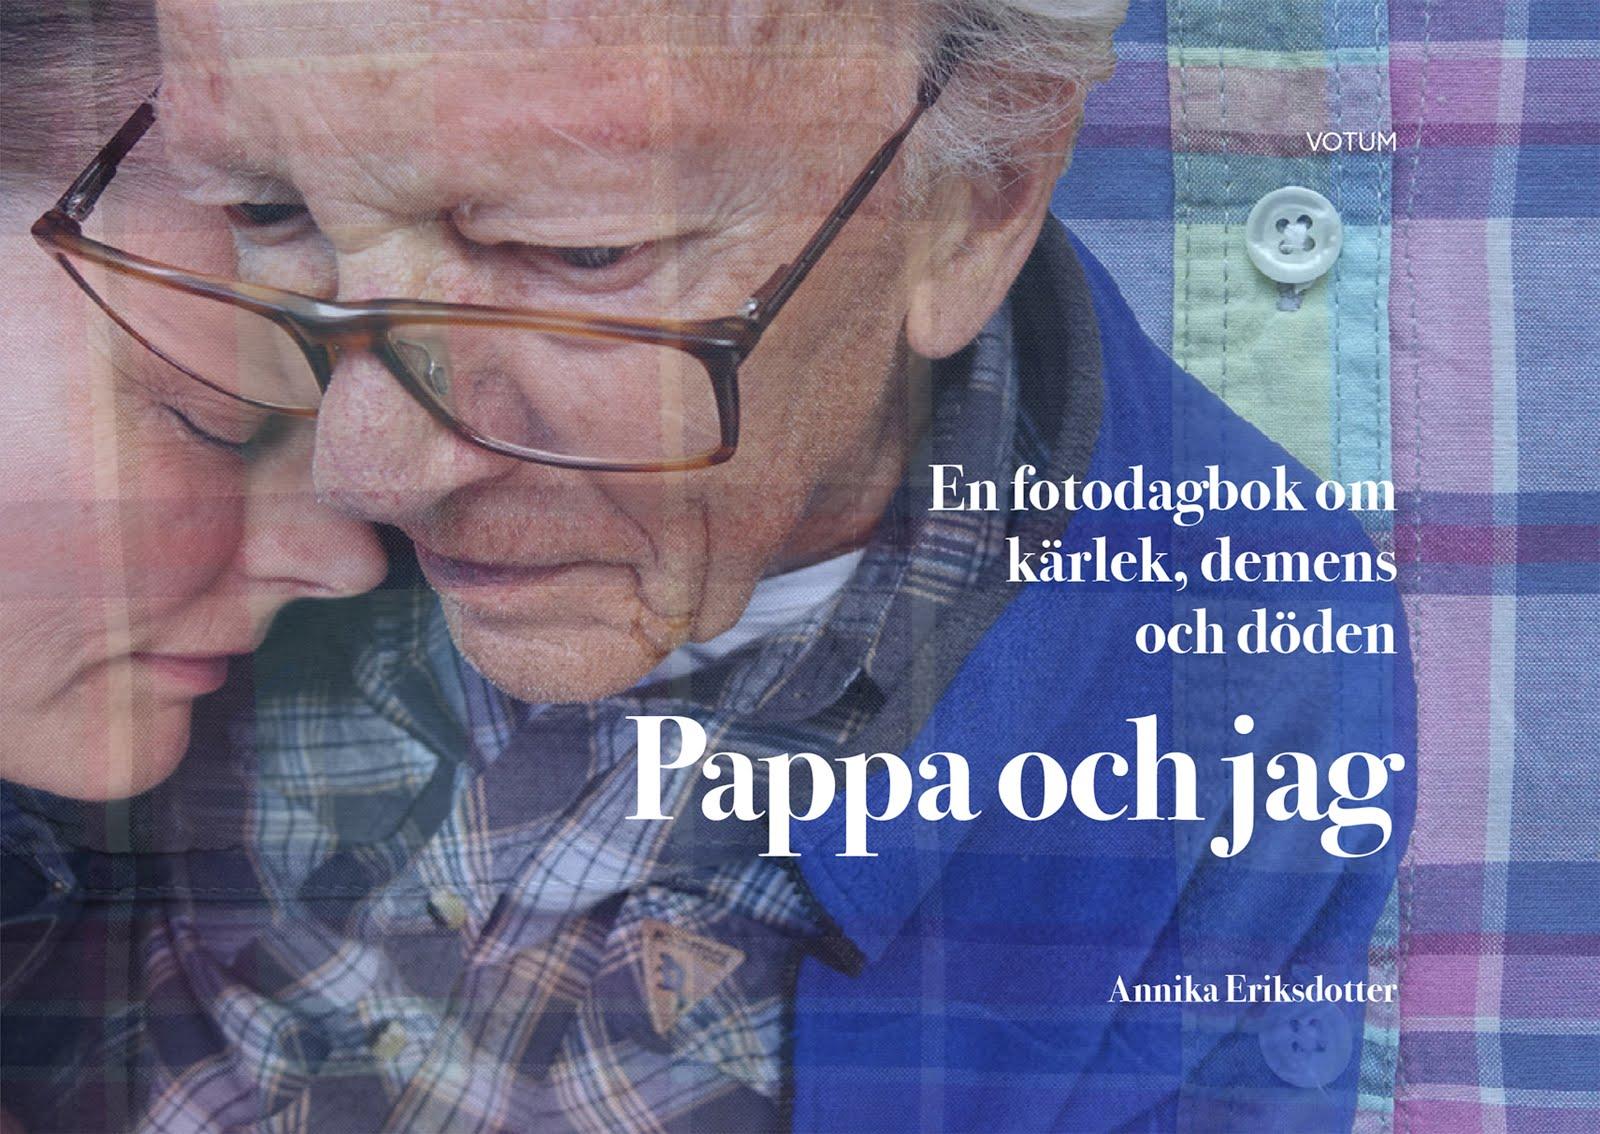 Pappa och jag, en fotodagbok om kärlek, demens och döden